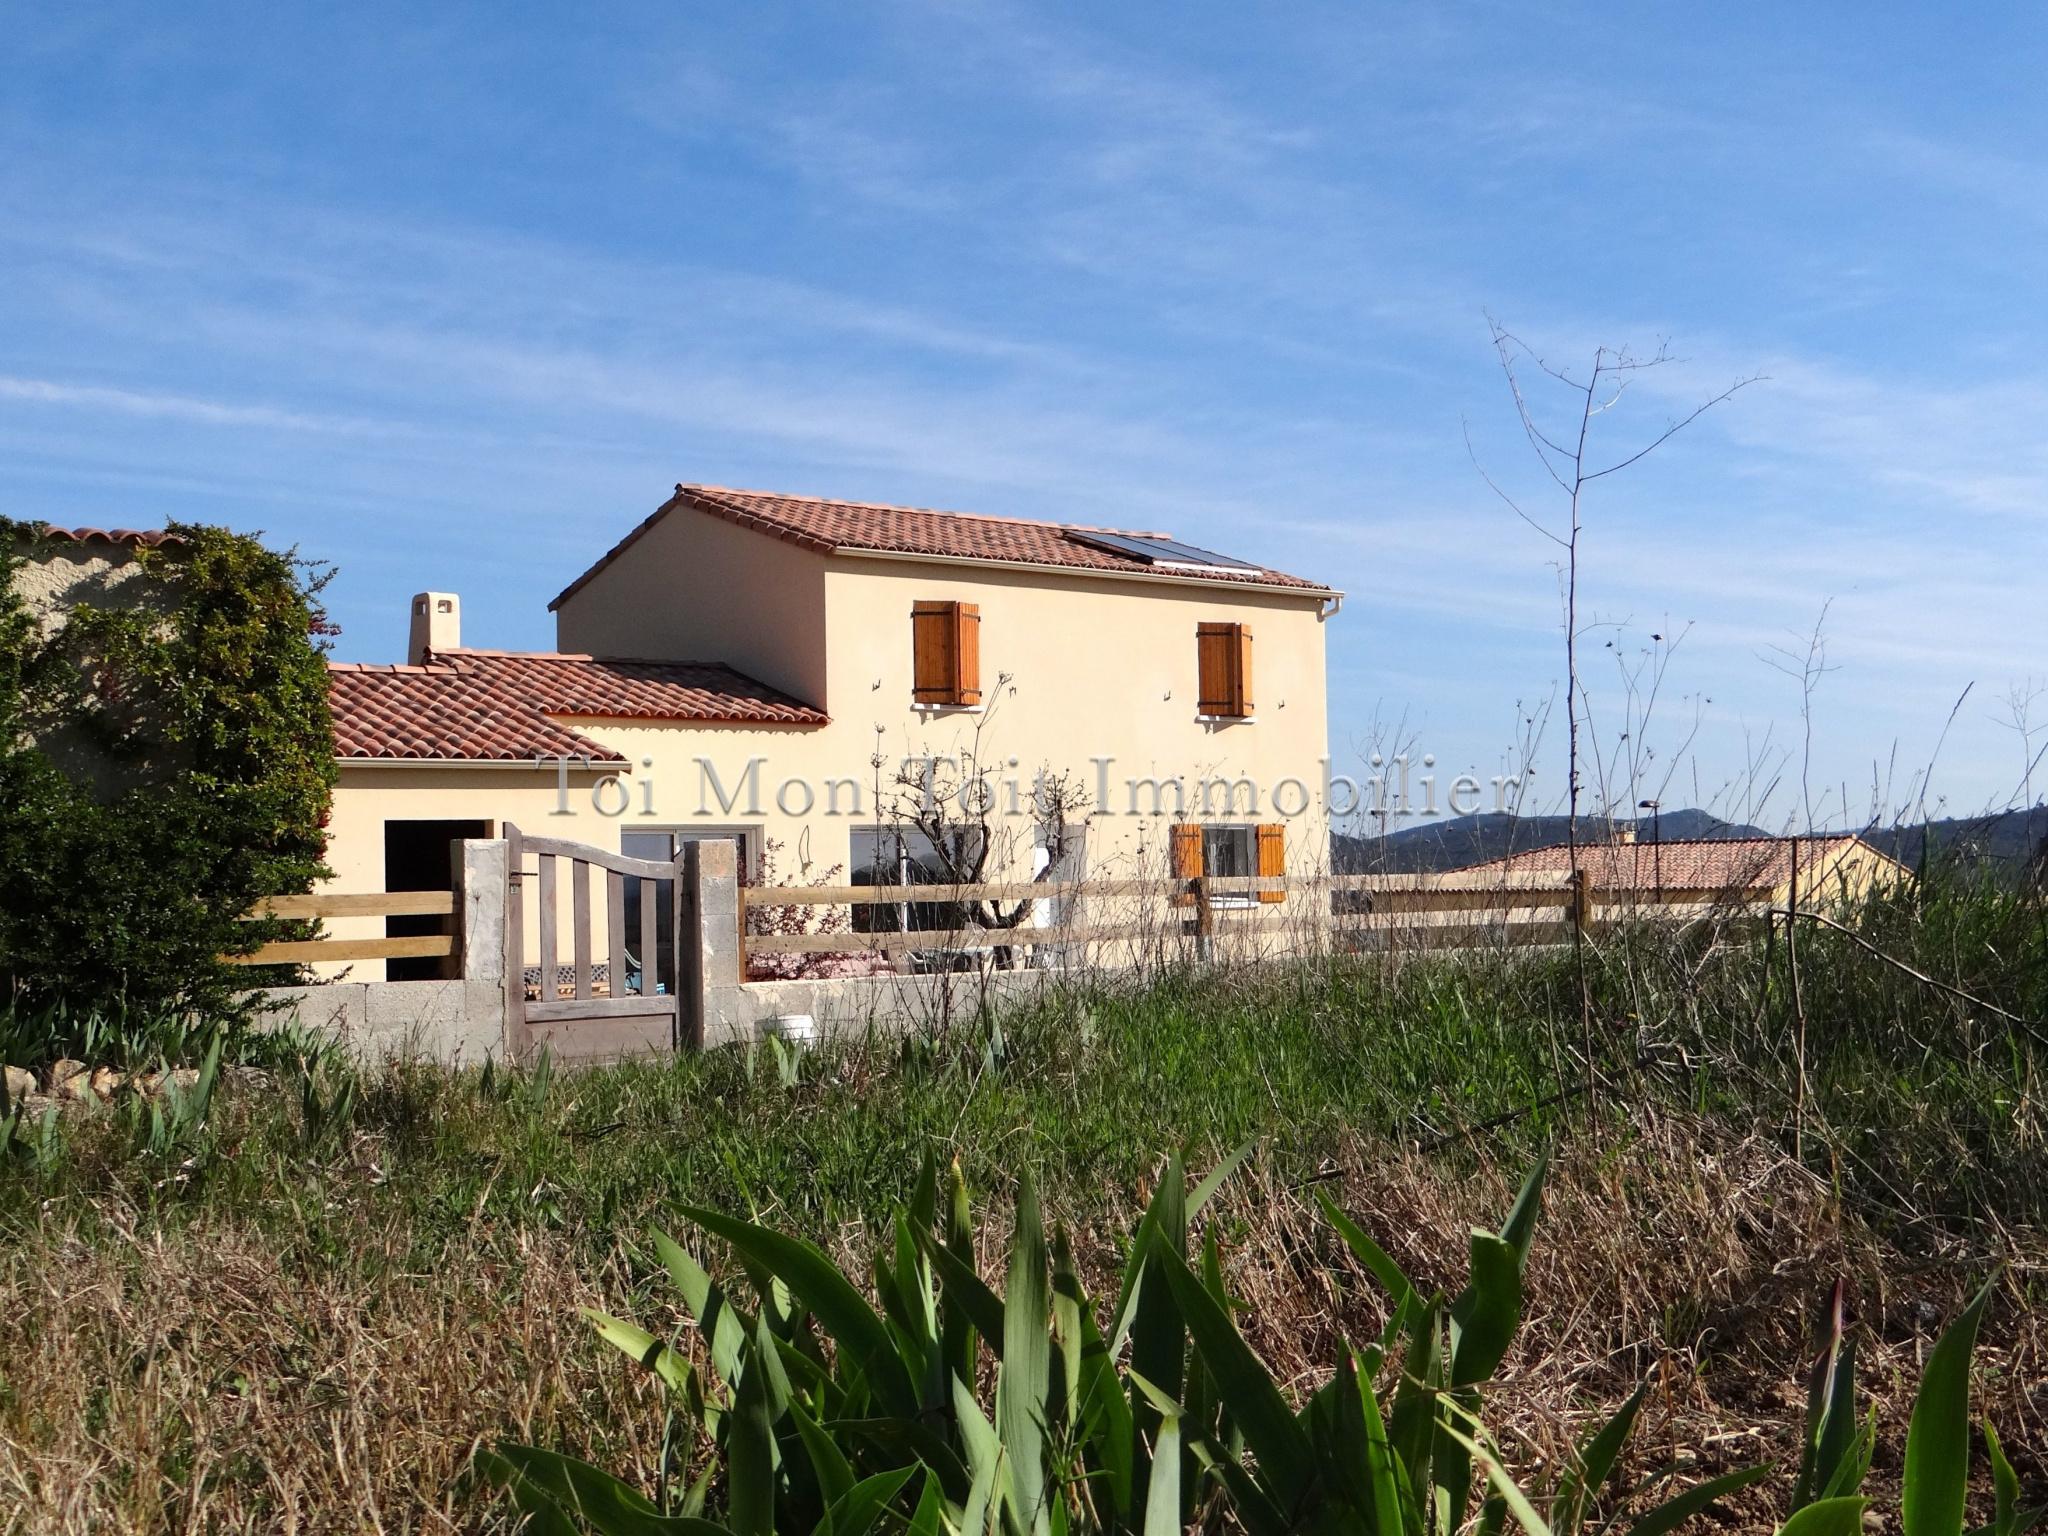 Vente quissac villa neuve 120 m sur 1000 m de terrain for Villa neuve